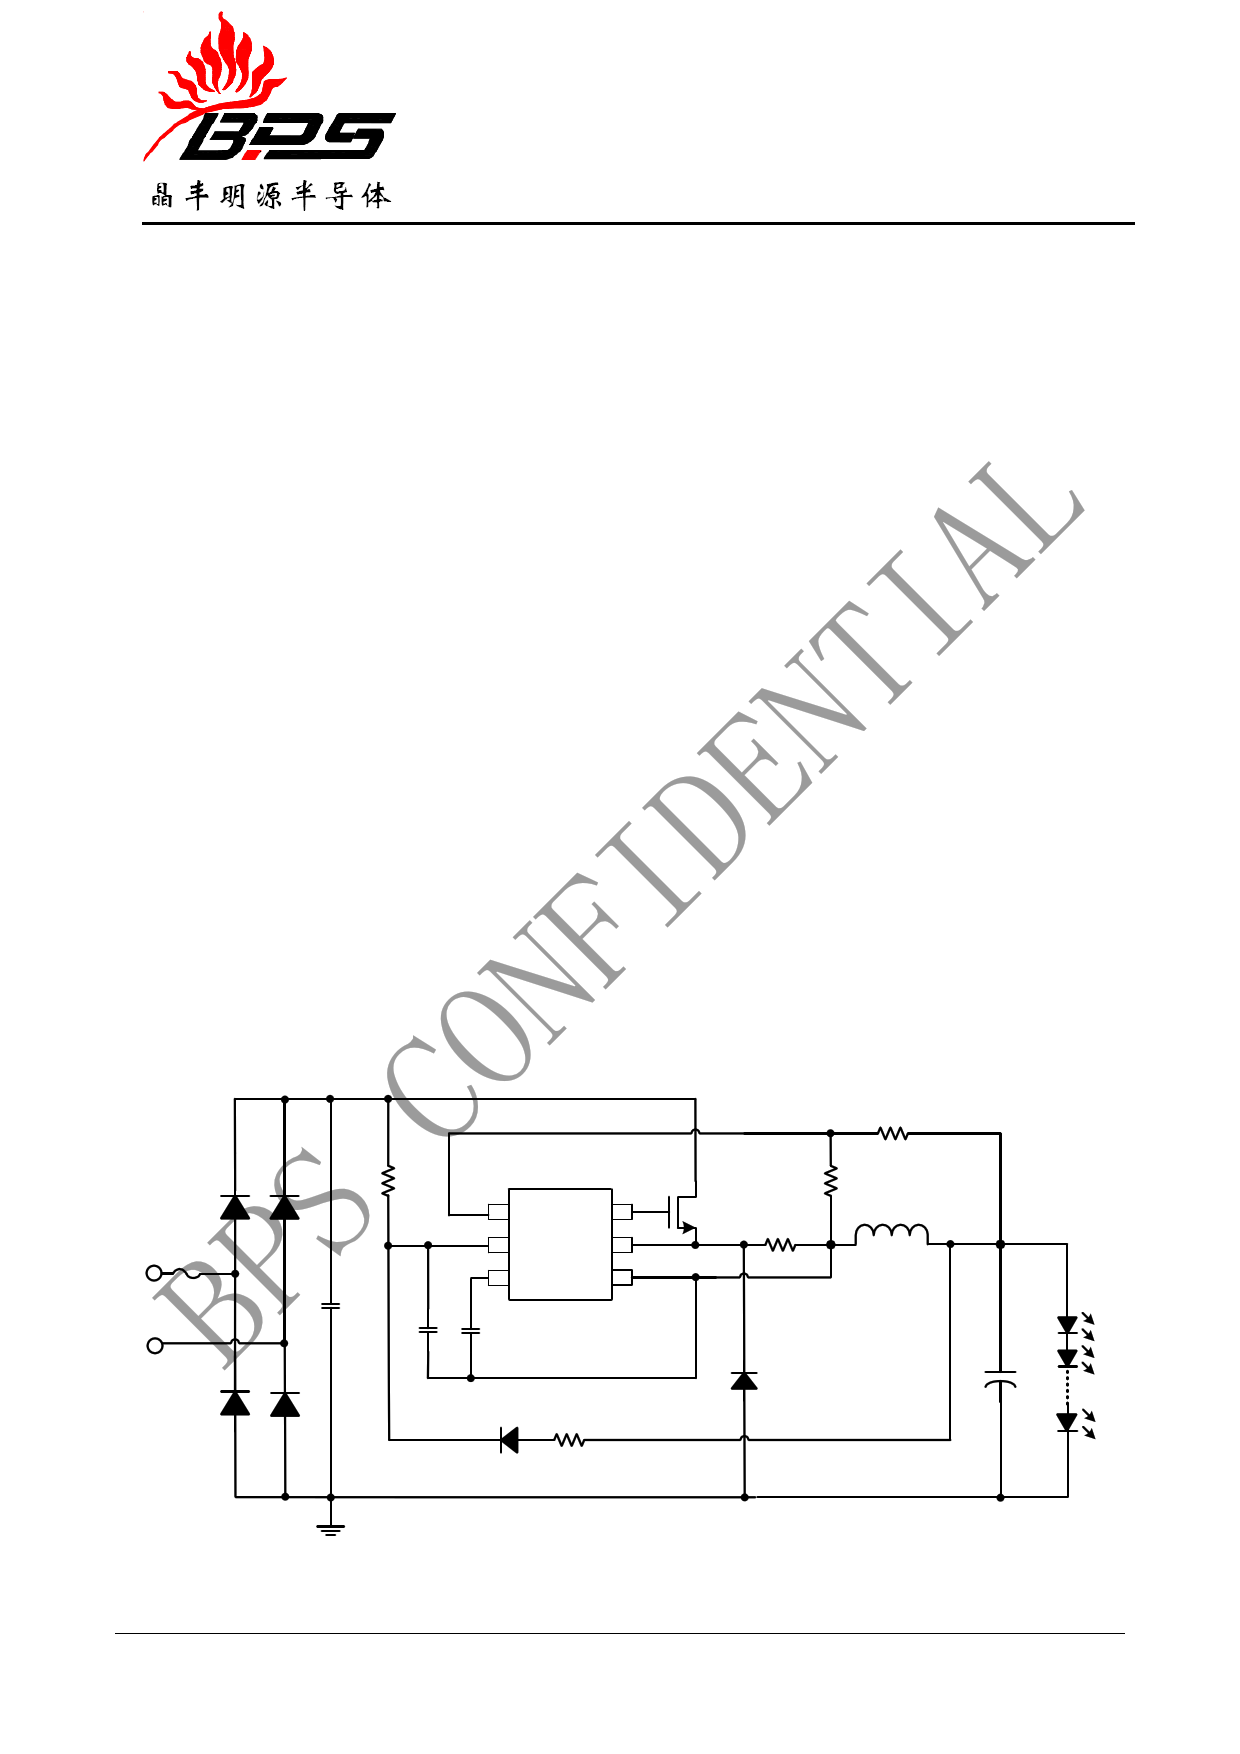 BP2329A datasheet